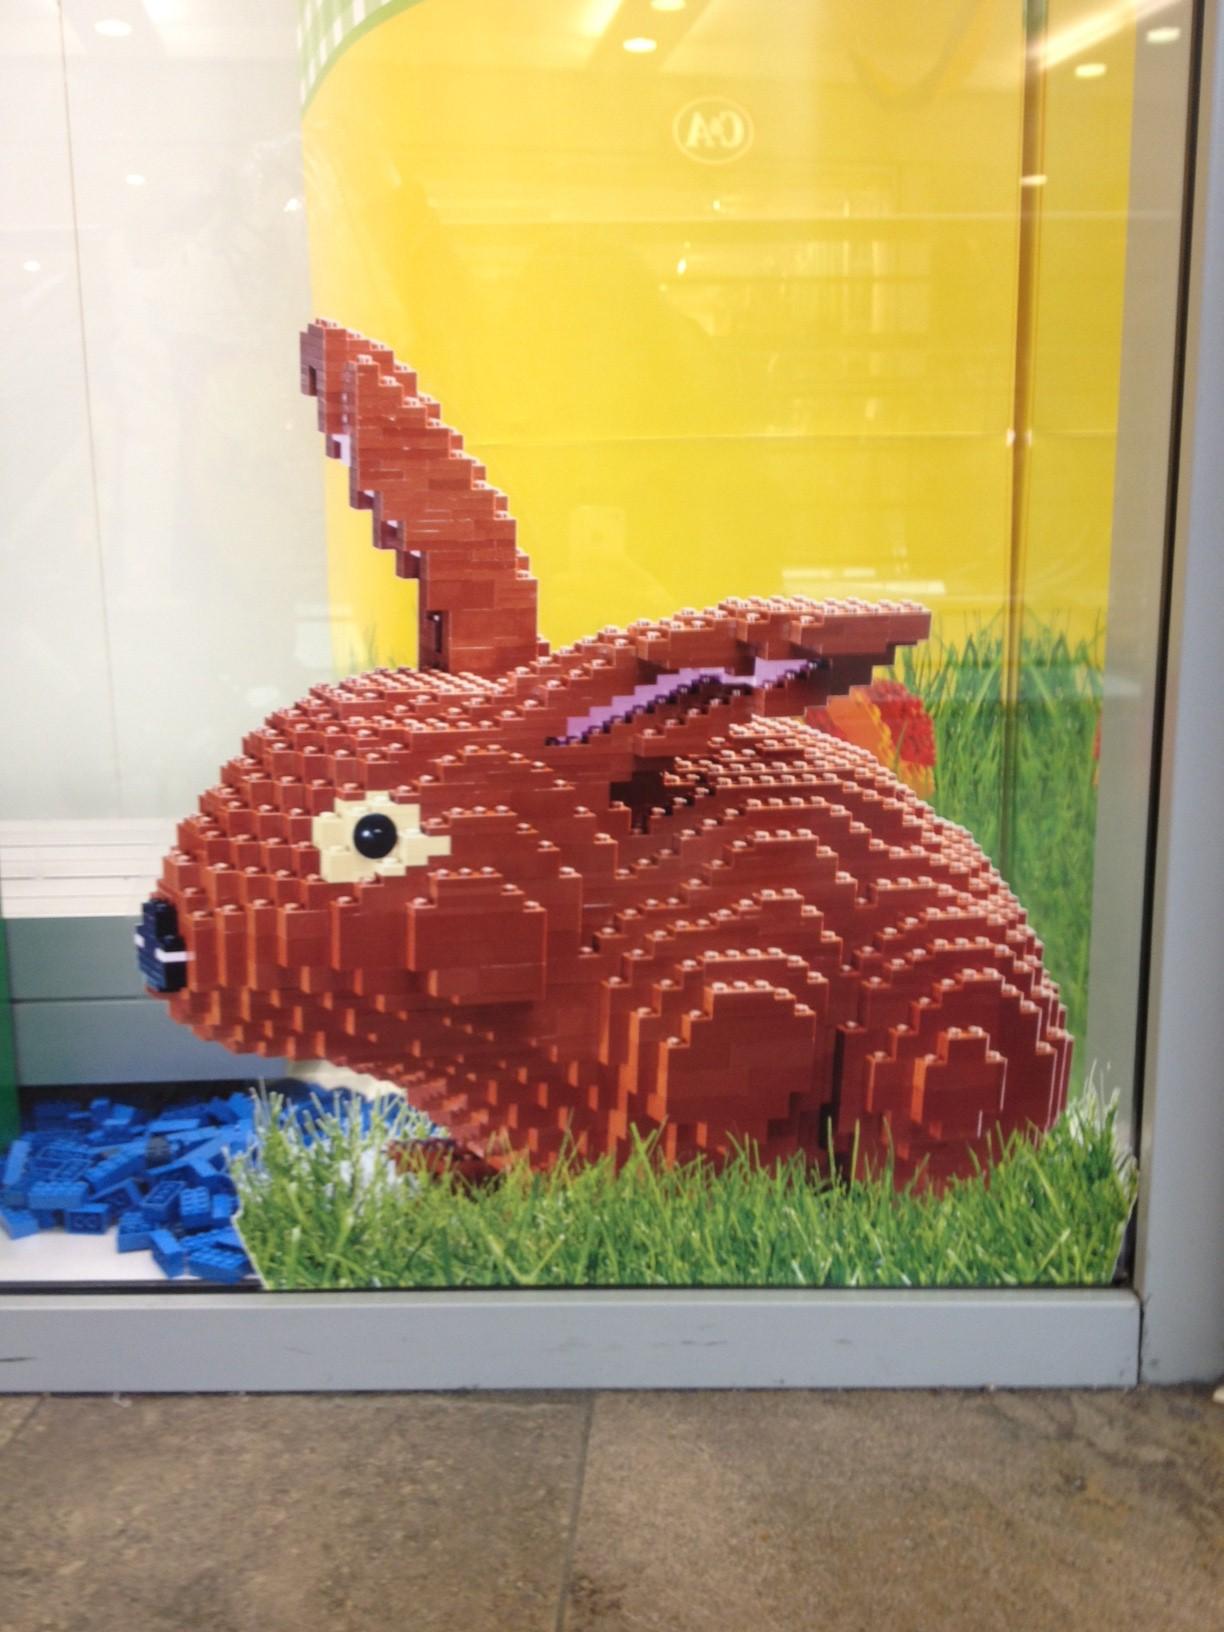 conejo lego